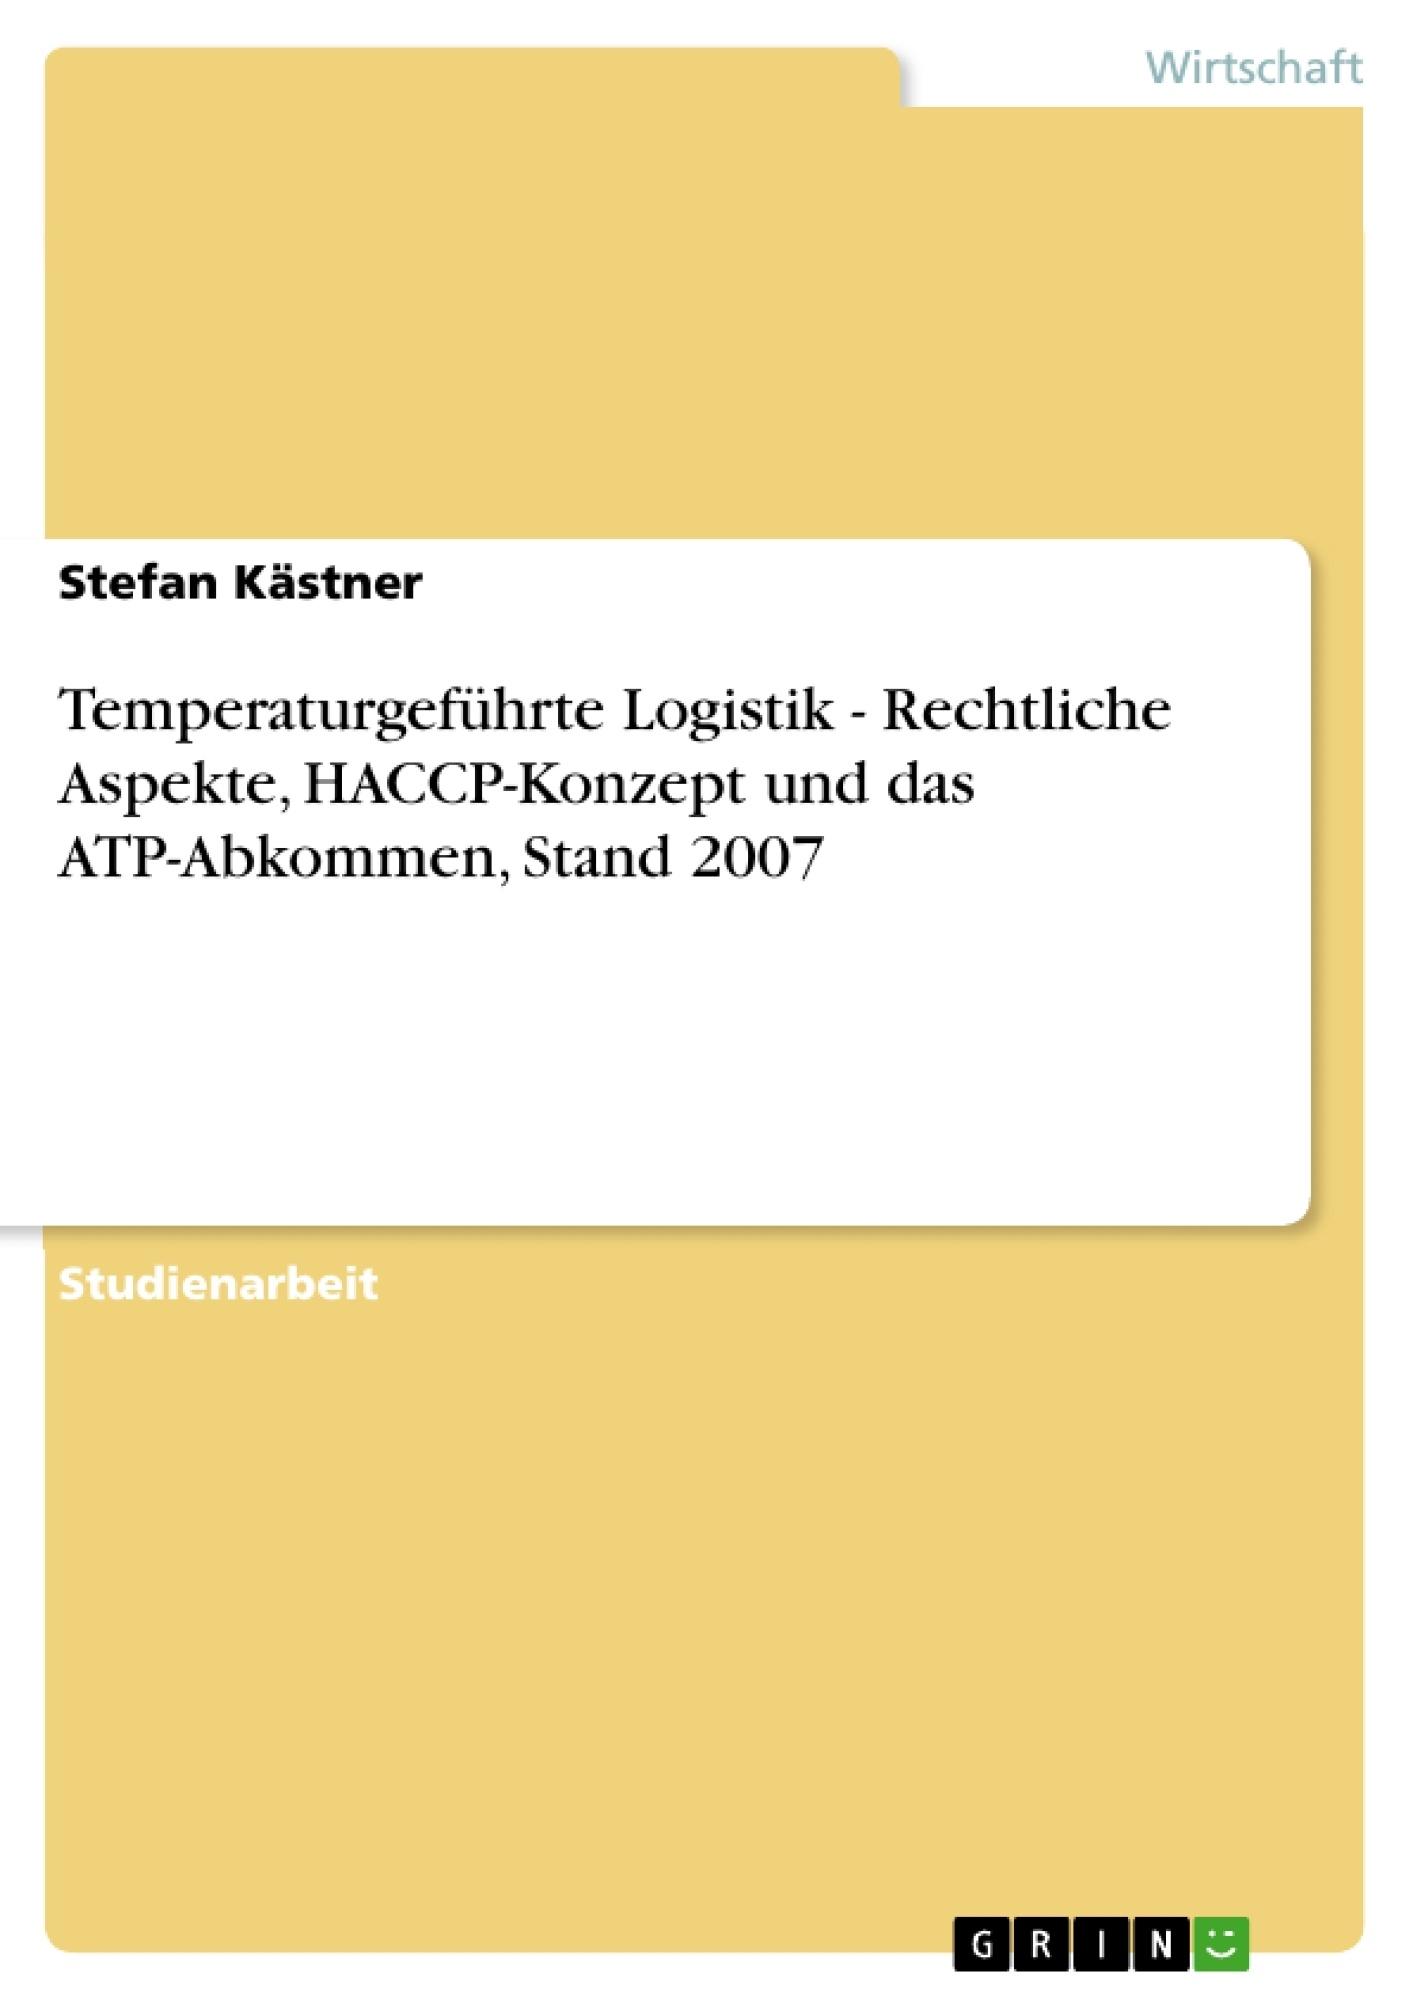 Titel: Temperaturgeführte Logistik - Rechtliche Aspekte, HACCP-Konzept und das ATP-Abkommen, Stand 2007